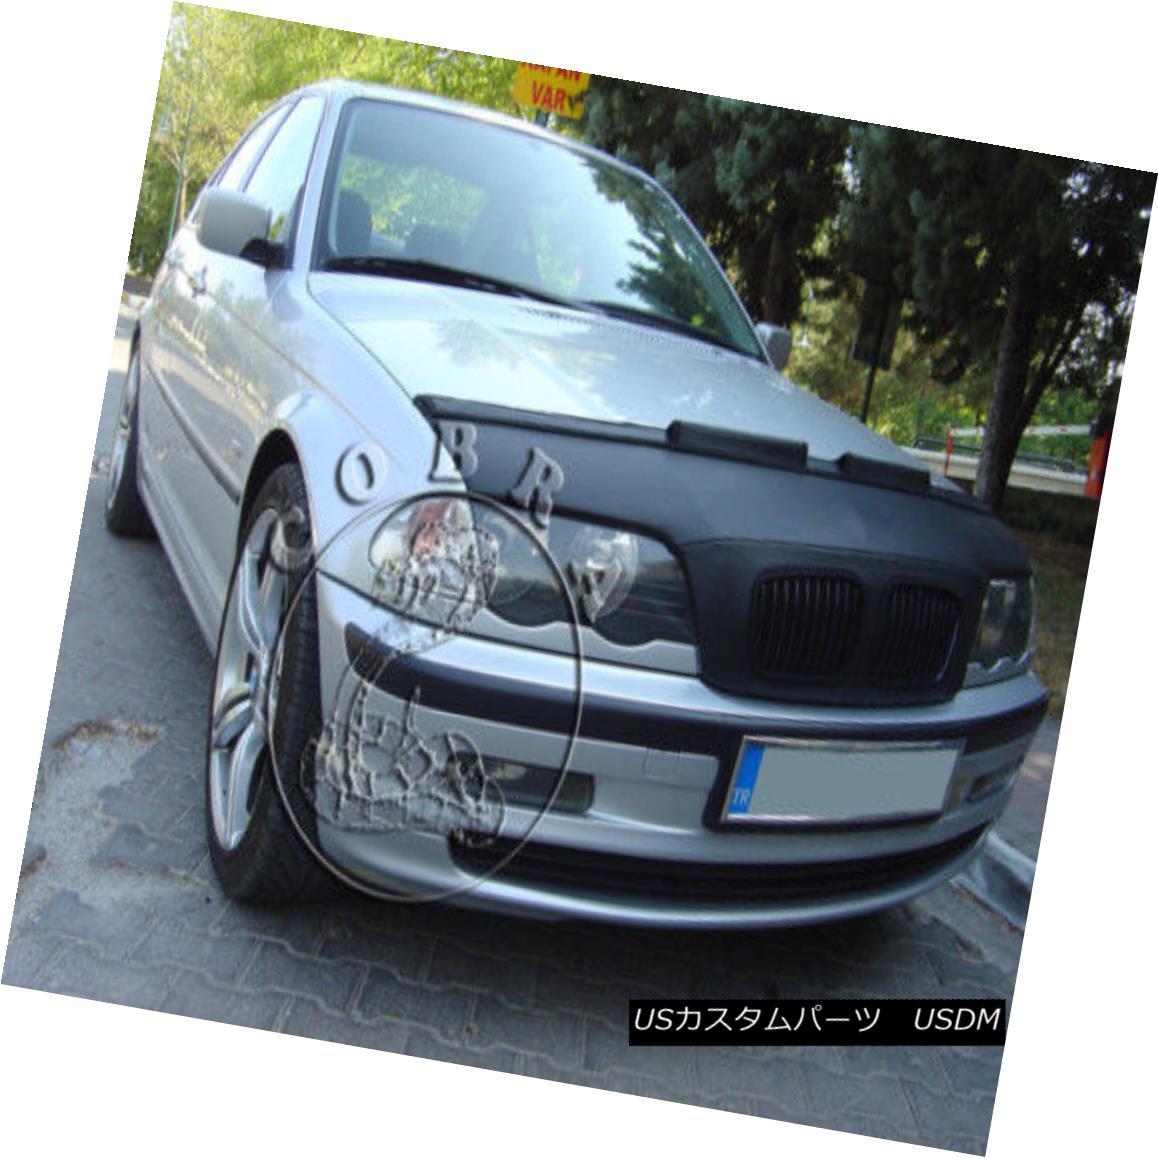 フルブラ ノーズブラ Car Bra Bonnet Hood Mask Fits BMW 3 E46 Coupe & Sedan 98 99 00 01 Car BraボンネットフードマスクBMW 3 E46 Coupe& セダン98 99 00 01